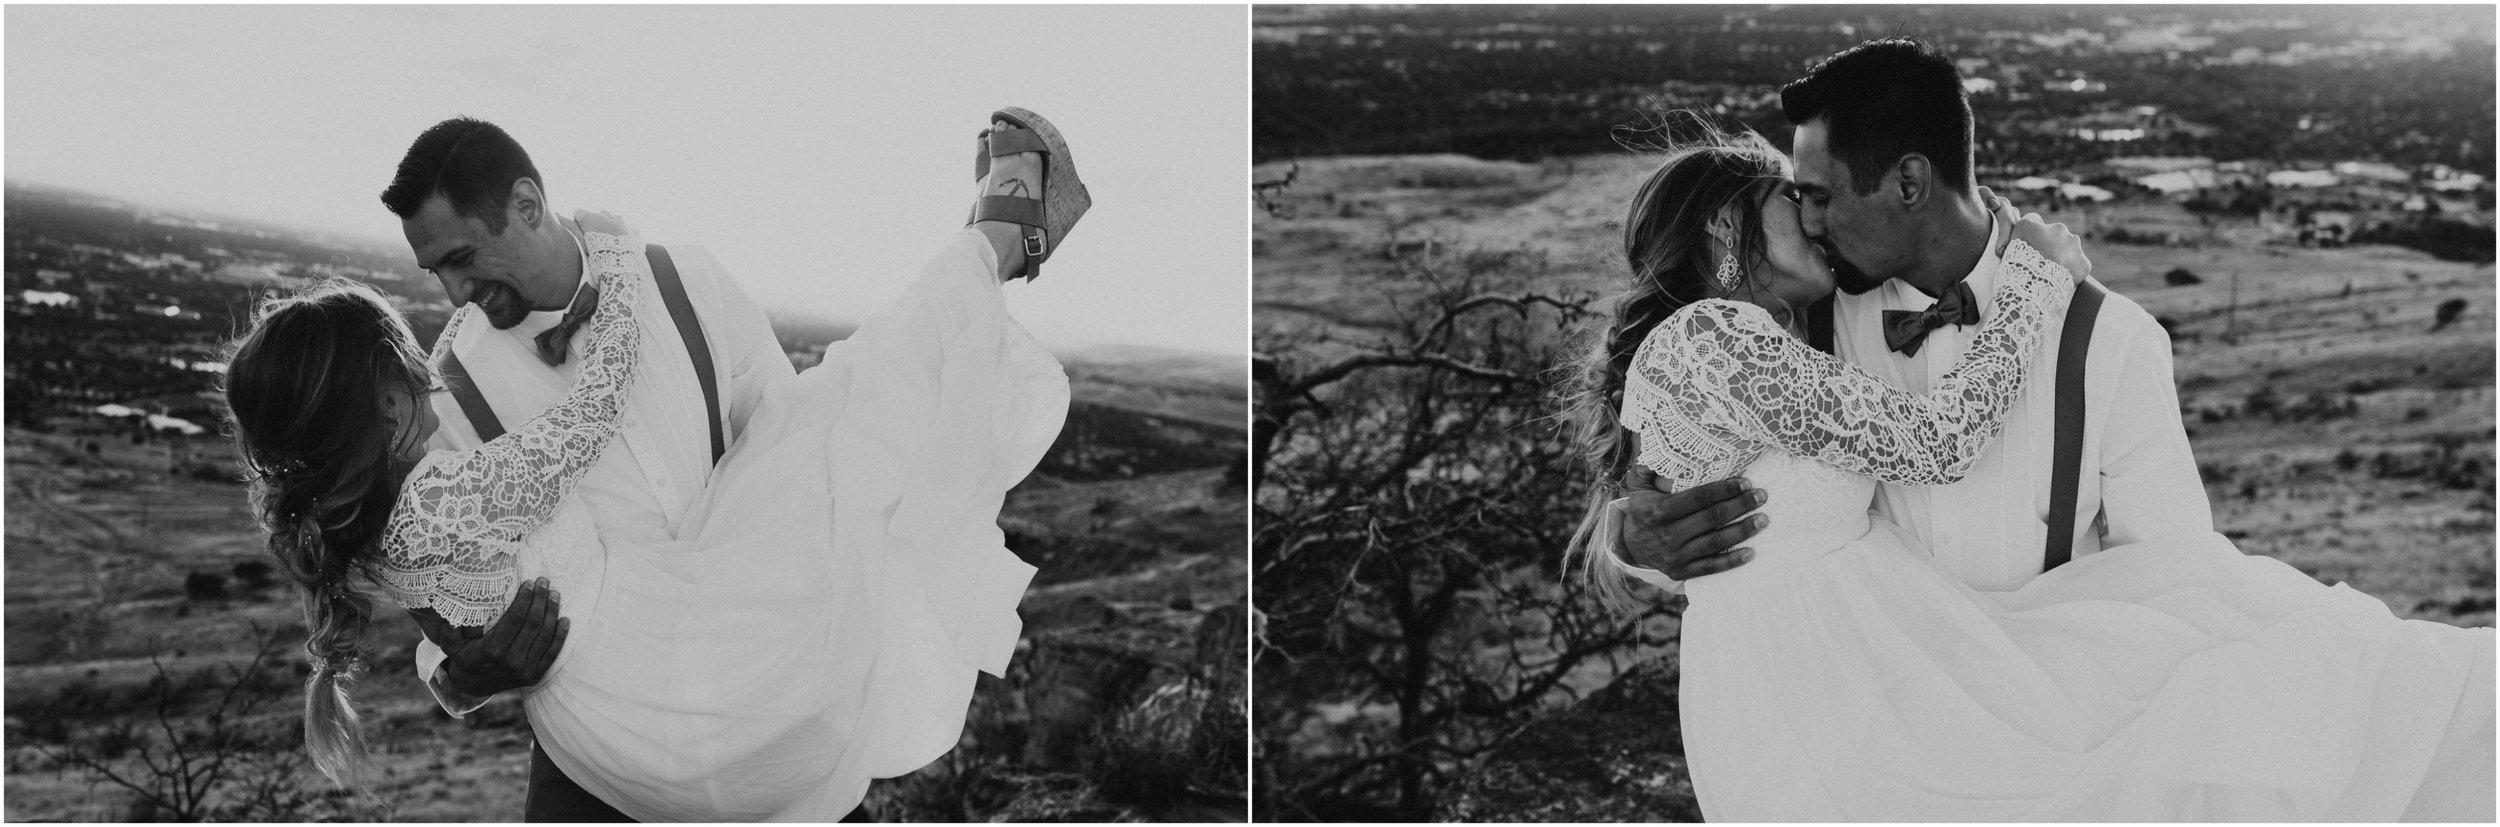 BeFunky Collage-5.jpg